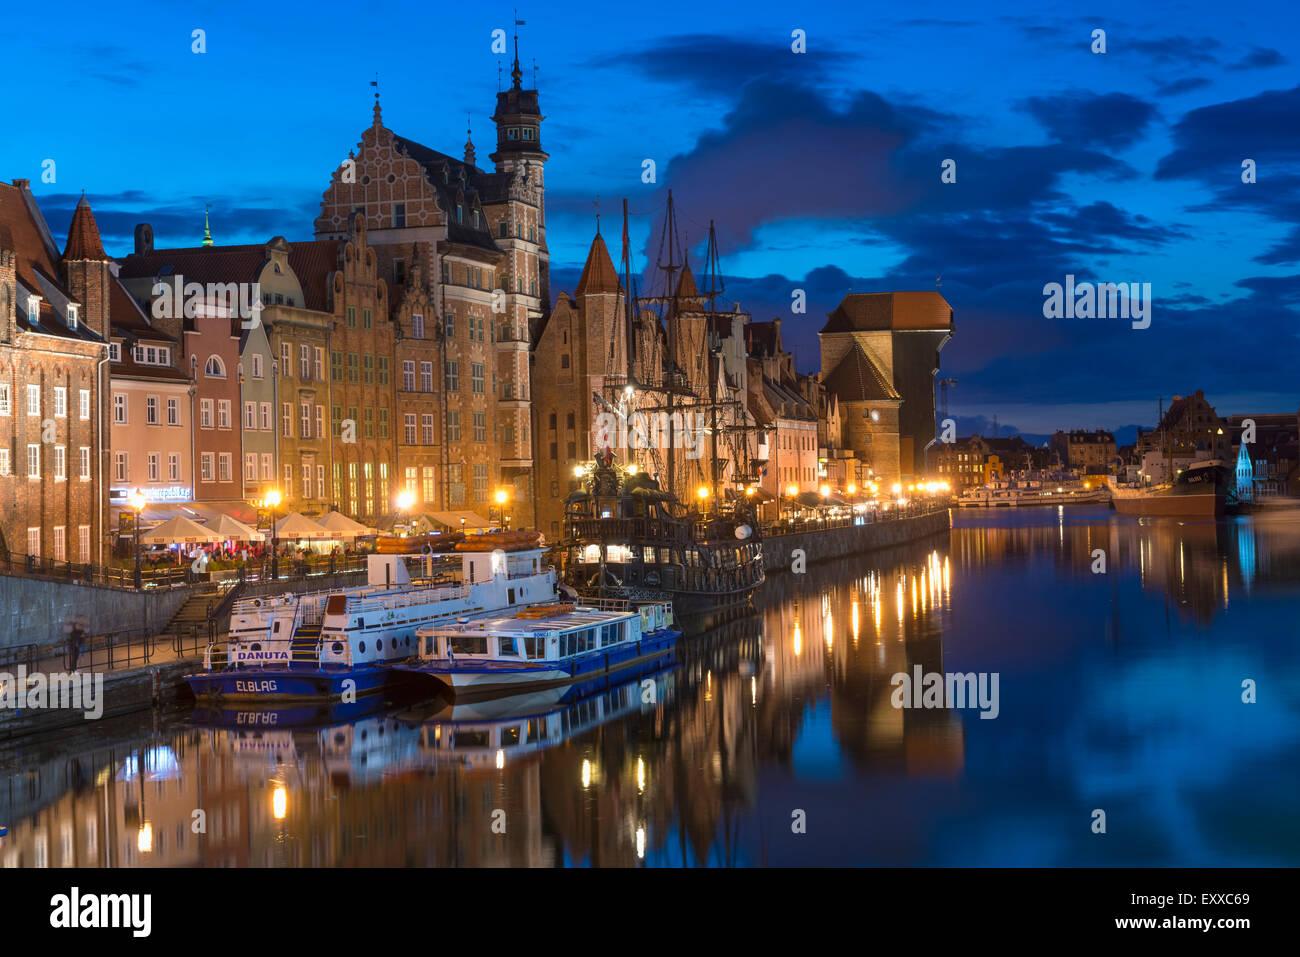 Gdansk, Polonia - Hermosa, el histórico distrito de la ciudad vieja de Gdansk, Polonia, a orillas del río Imagen De Stock